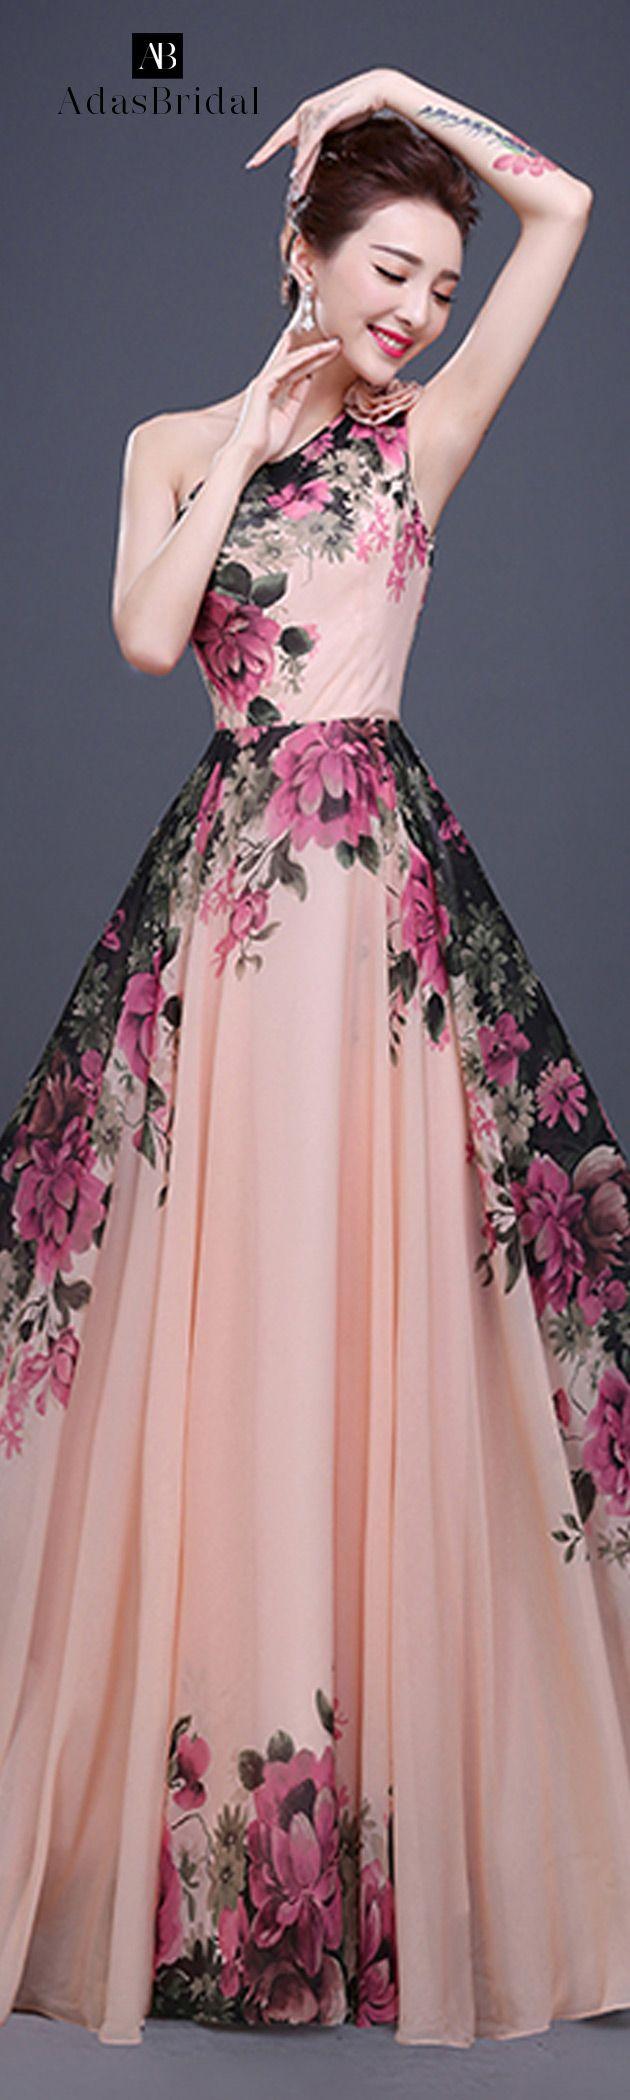 Encantador Vestidos De Fiesta En Charleston Sc Imágenes - Ideas de ...